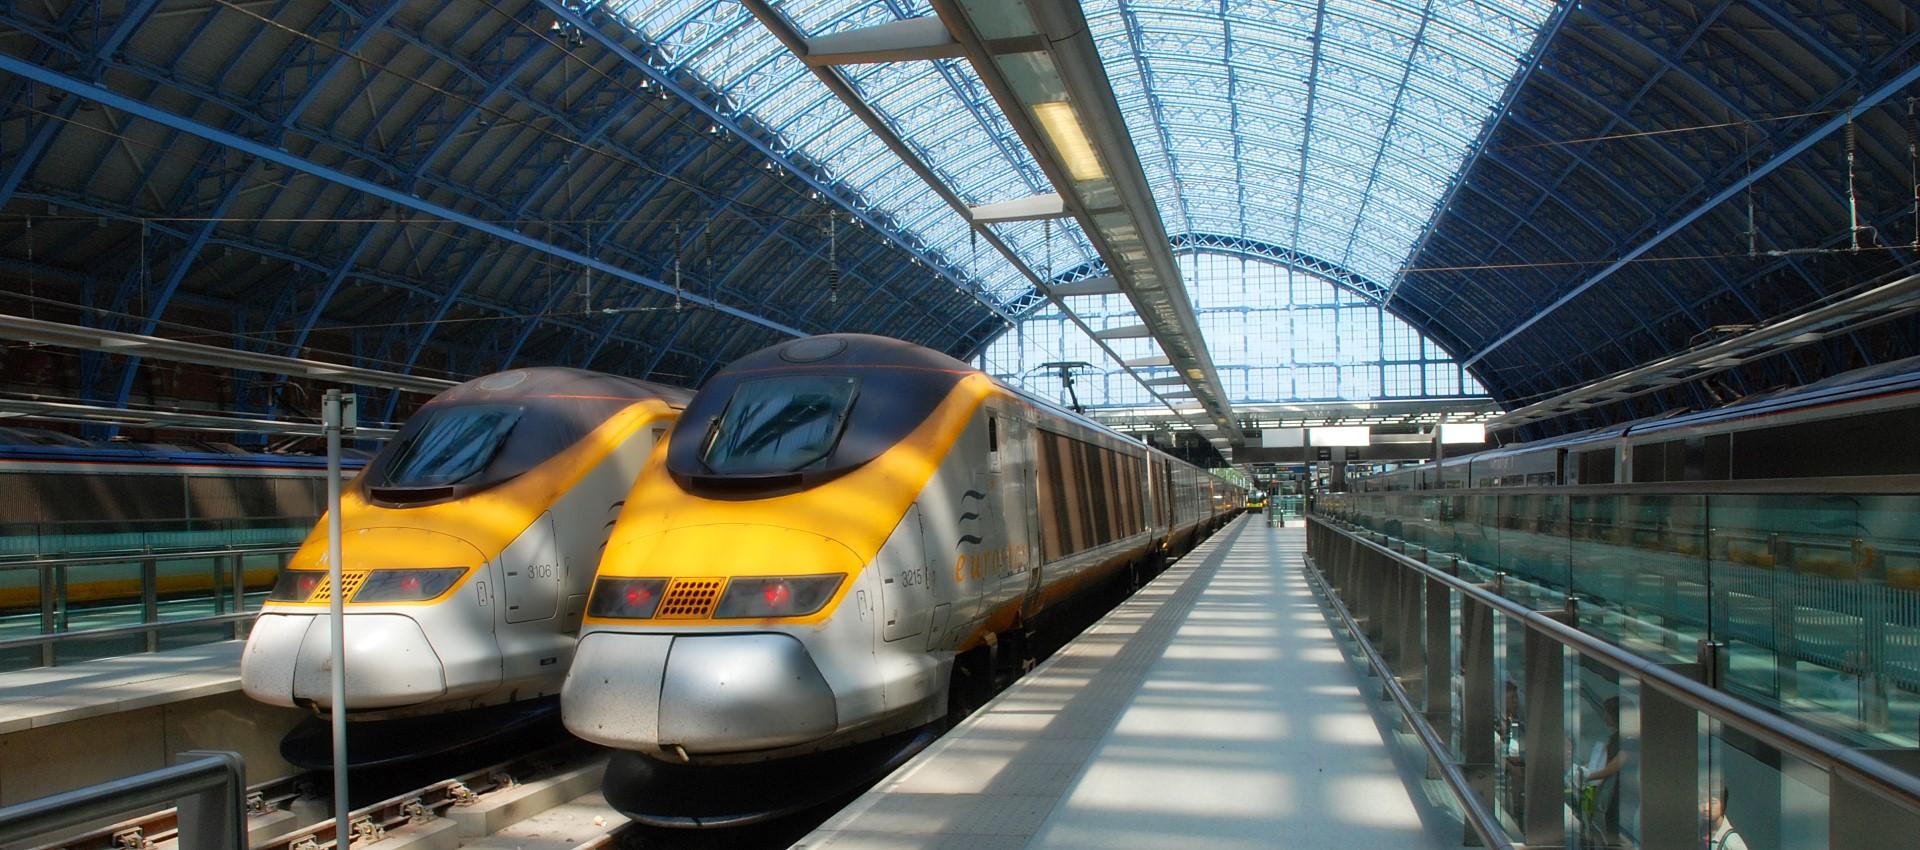 5 roteiros de trem para curtir o verão na Europa